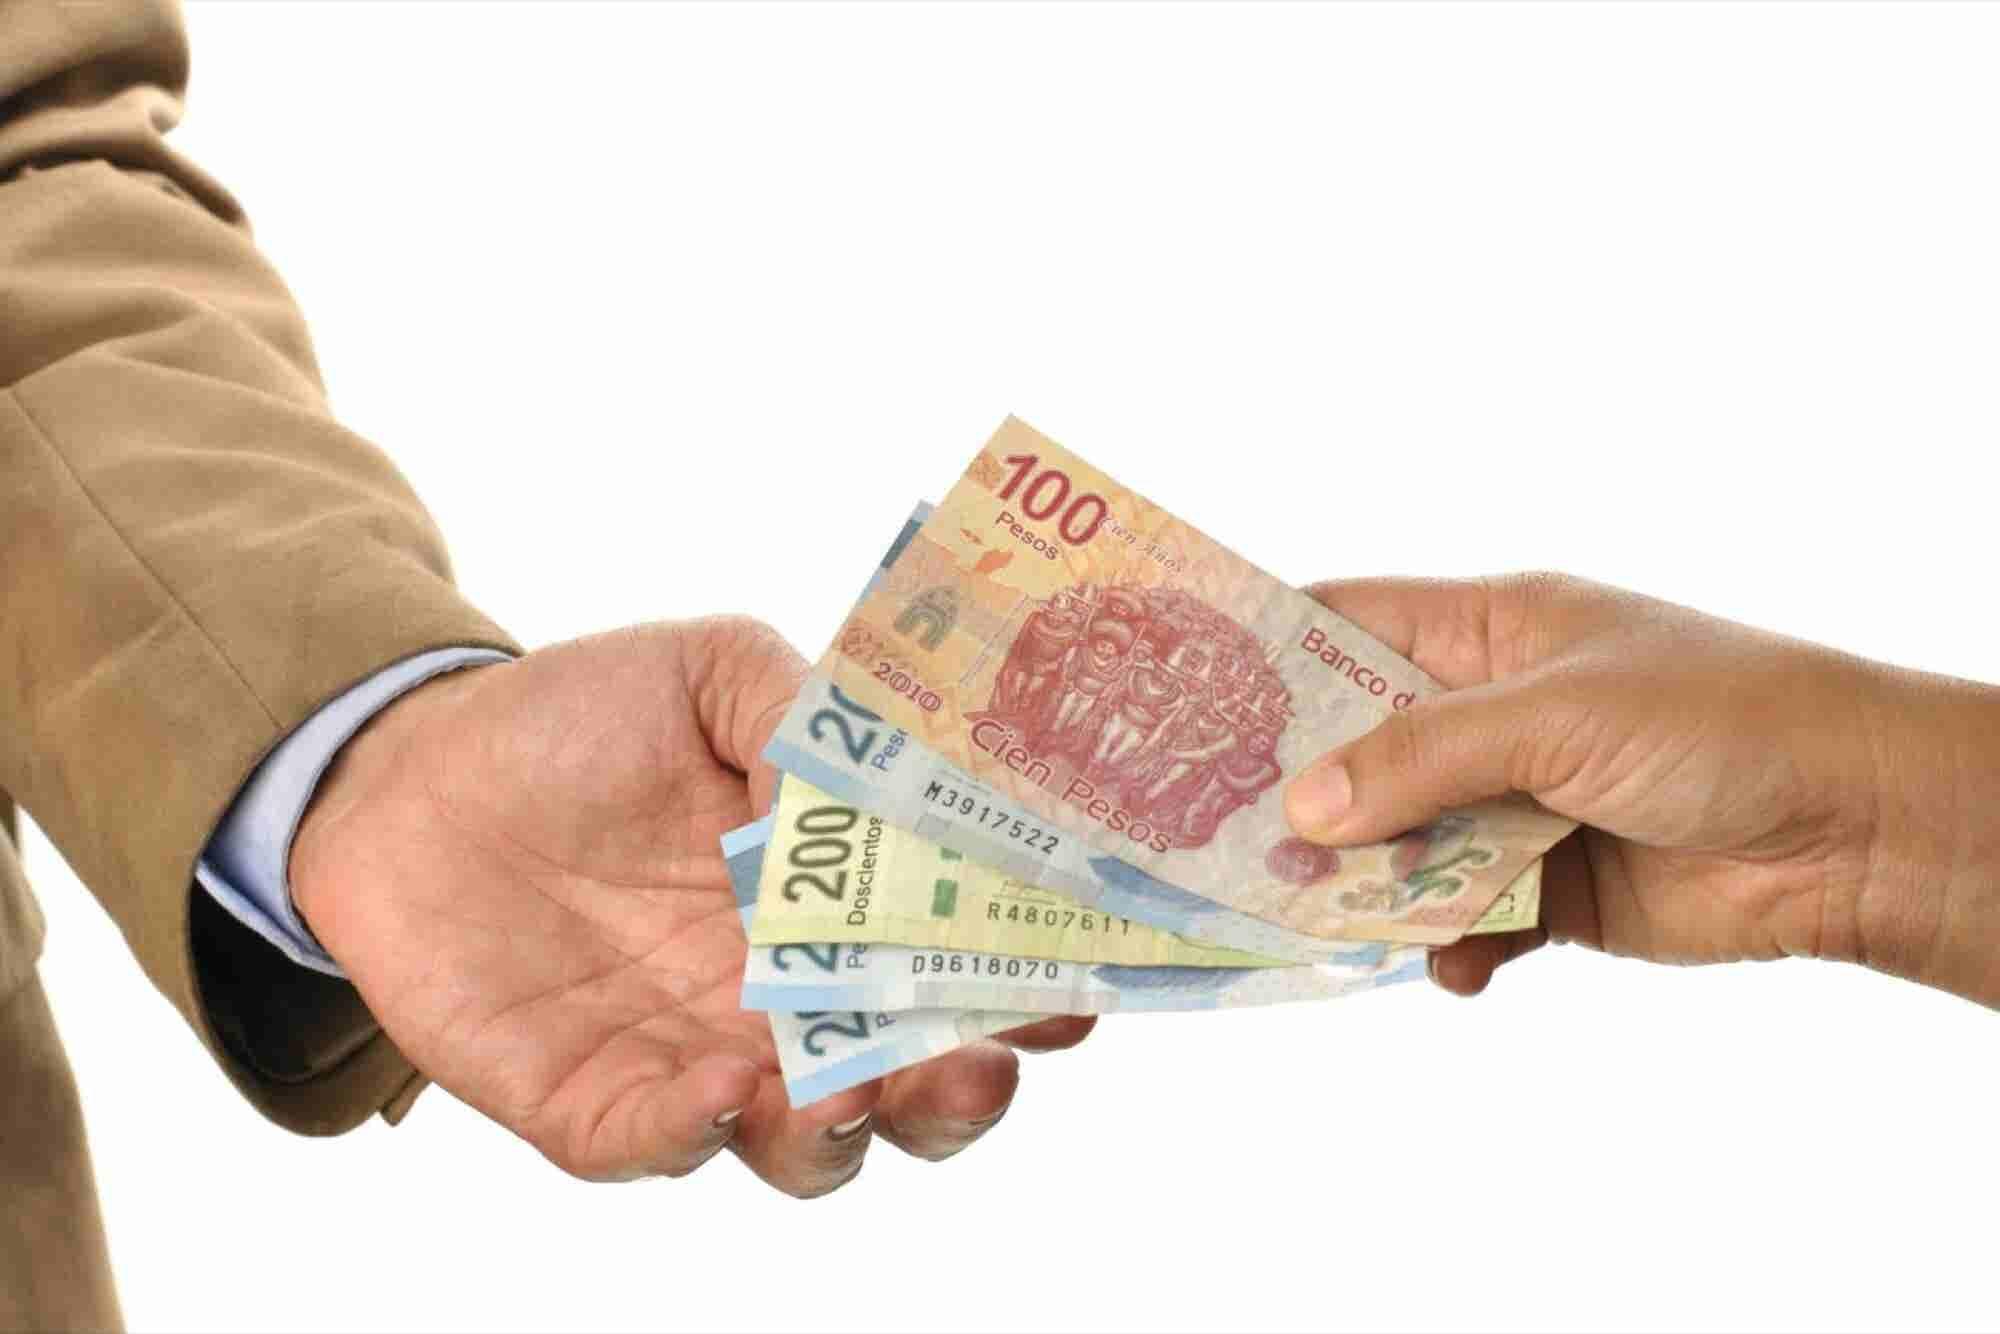 Oxxo Pay, la opción que ayudará al e-commerce sin tarjeta de crédito